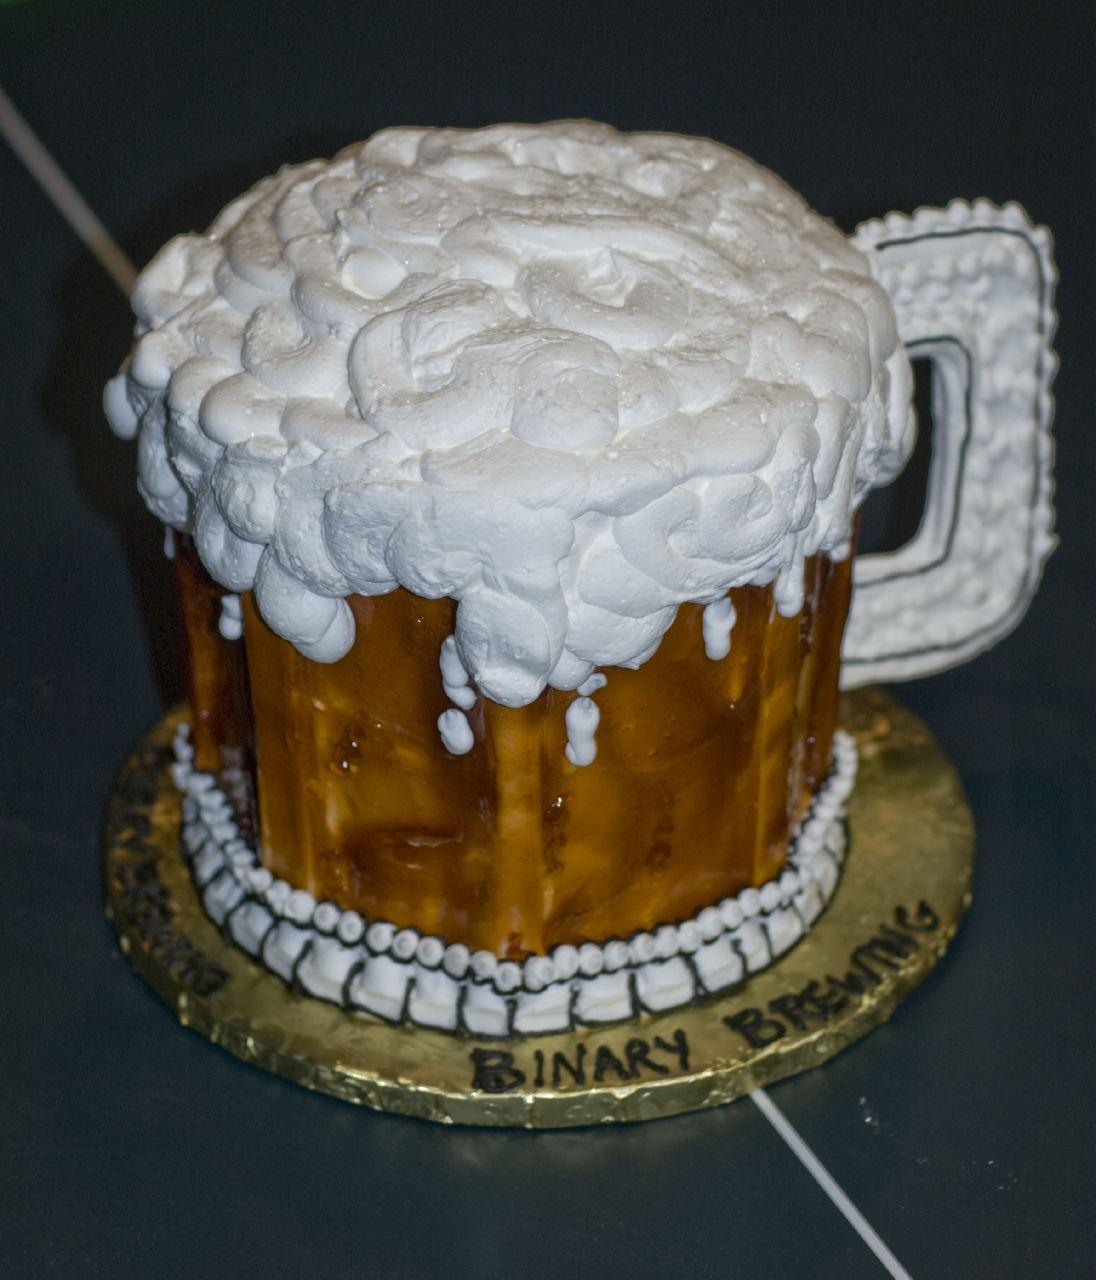 A Cake Shaped Like A Beer